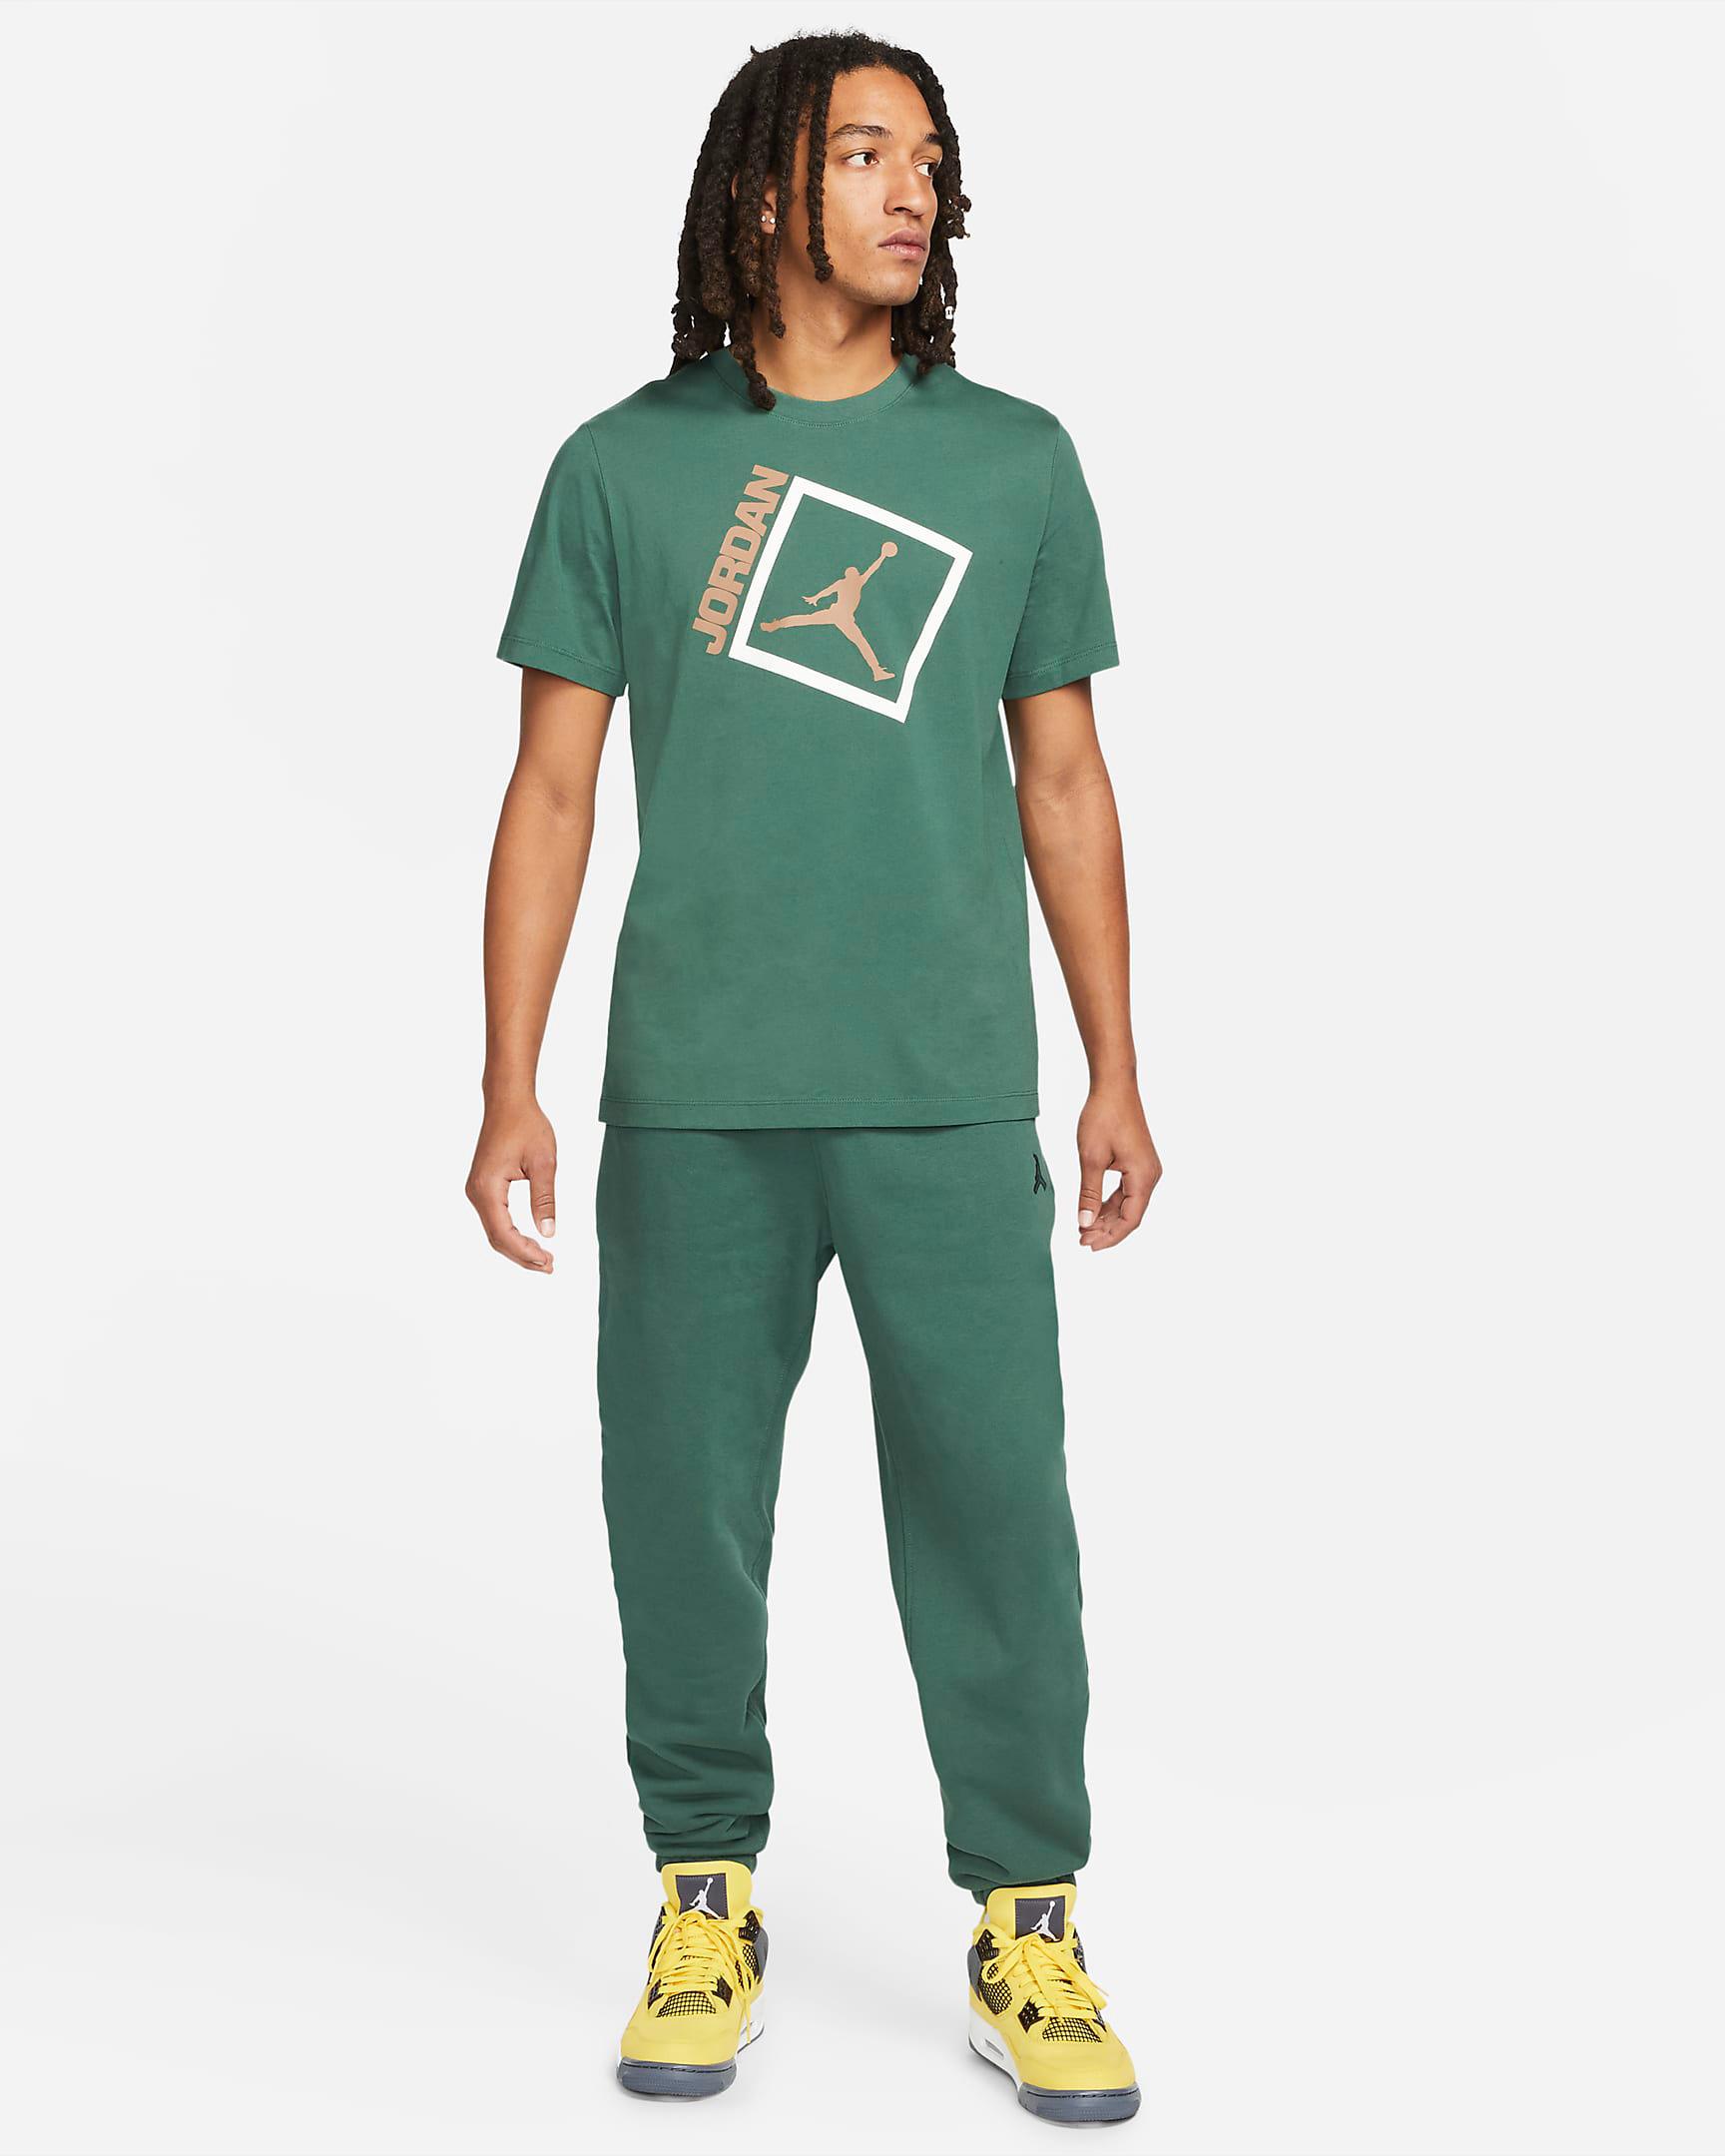 jordan-noble-green-jumpman-box-shirt-pants-outfit